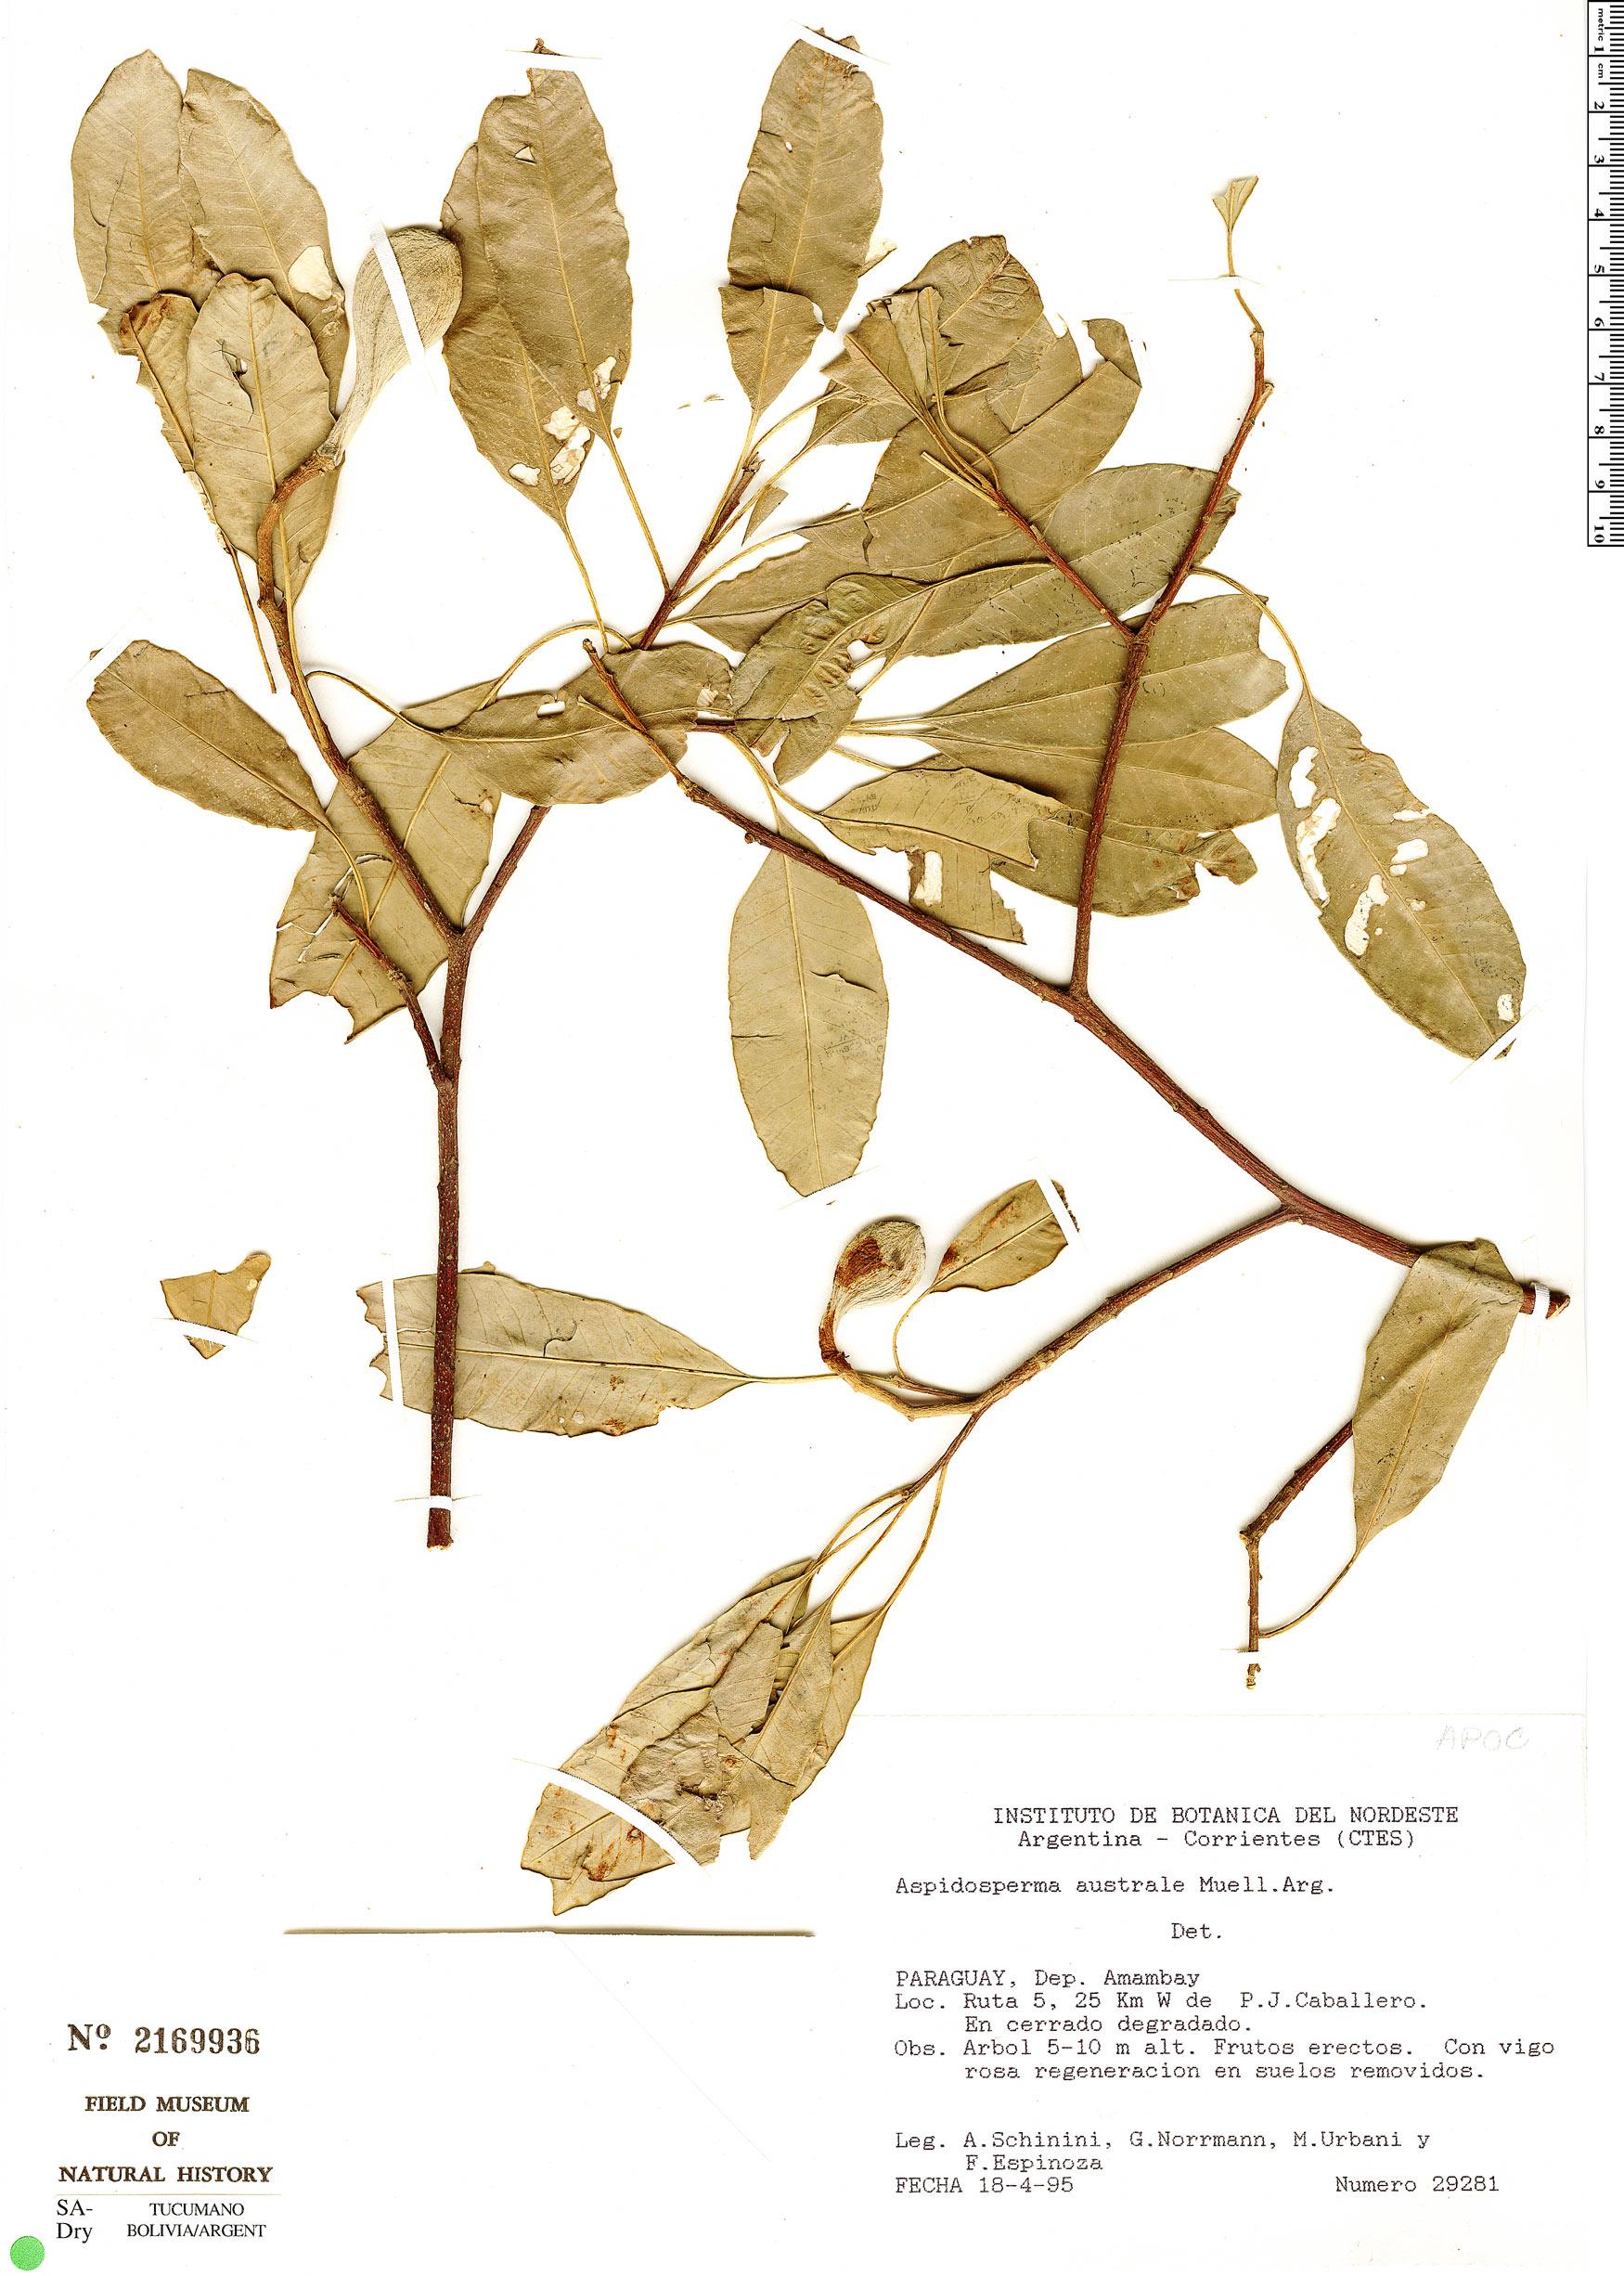 Specimen: Aspidosperma australe